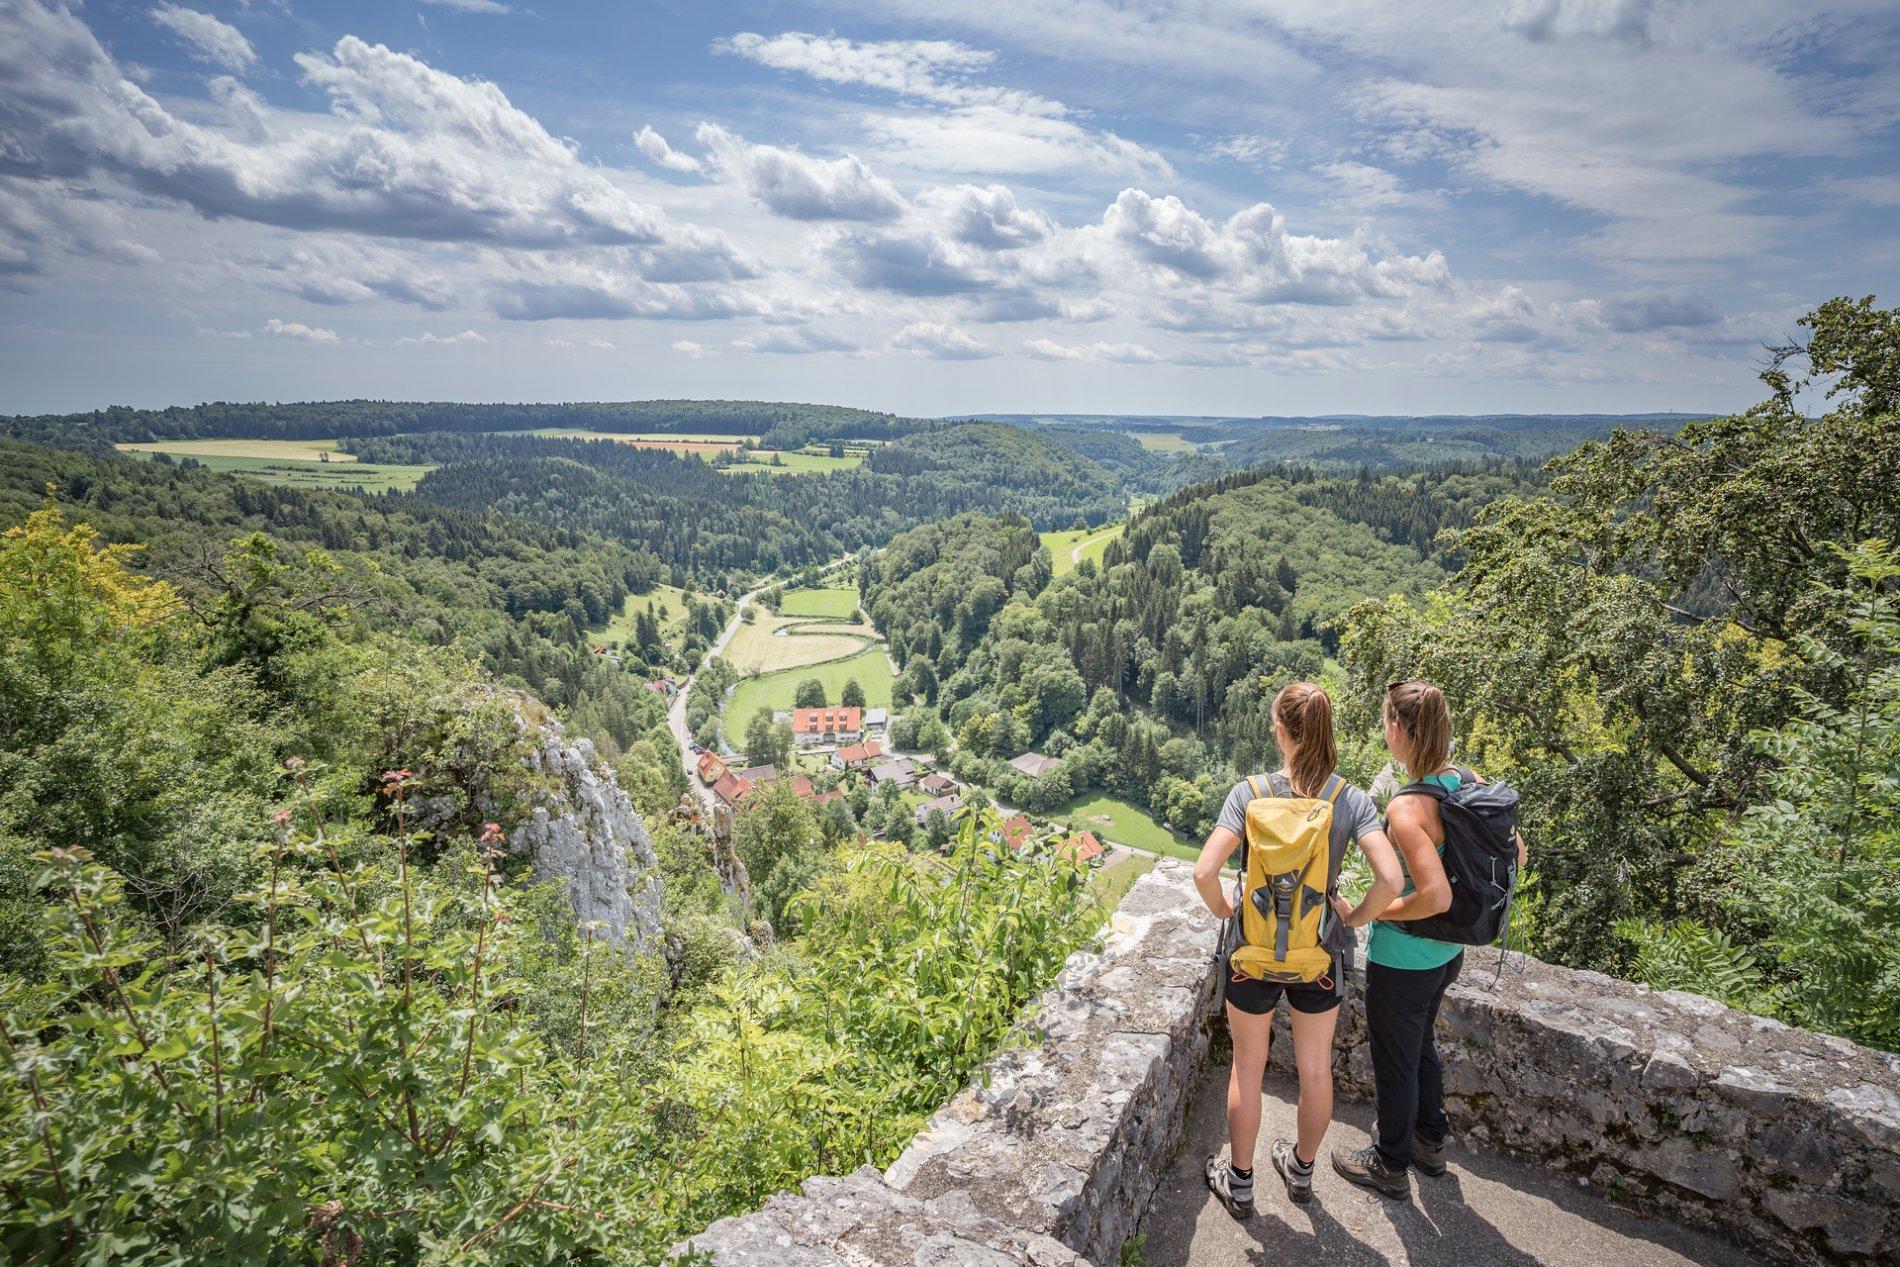 Zwei Wanderer*innen stehen auf einer Burg an einer Ecke einer Plattform. Sie stehen mit dem Rücken zum Fotograf und blicken in die gleiche Richtung ins Tal, durch das sich ein Fluss schlängelt und sich ein kleines Dorf befindet.